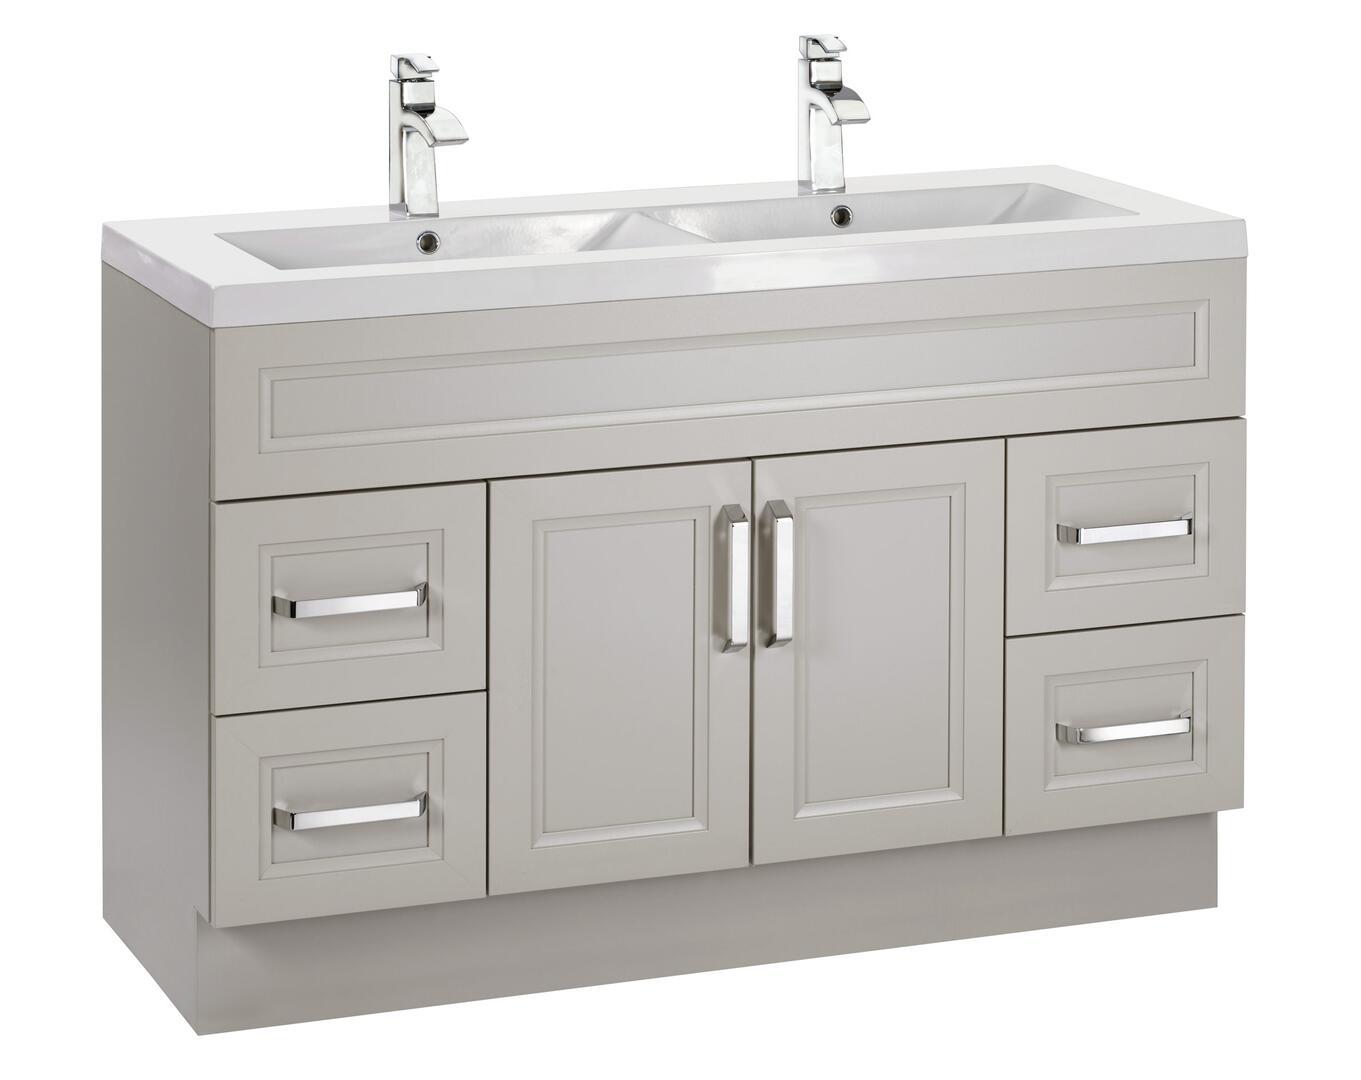 Cutler Kitchen And Bath URBMD48DBT